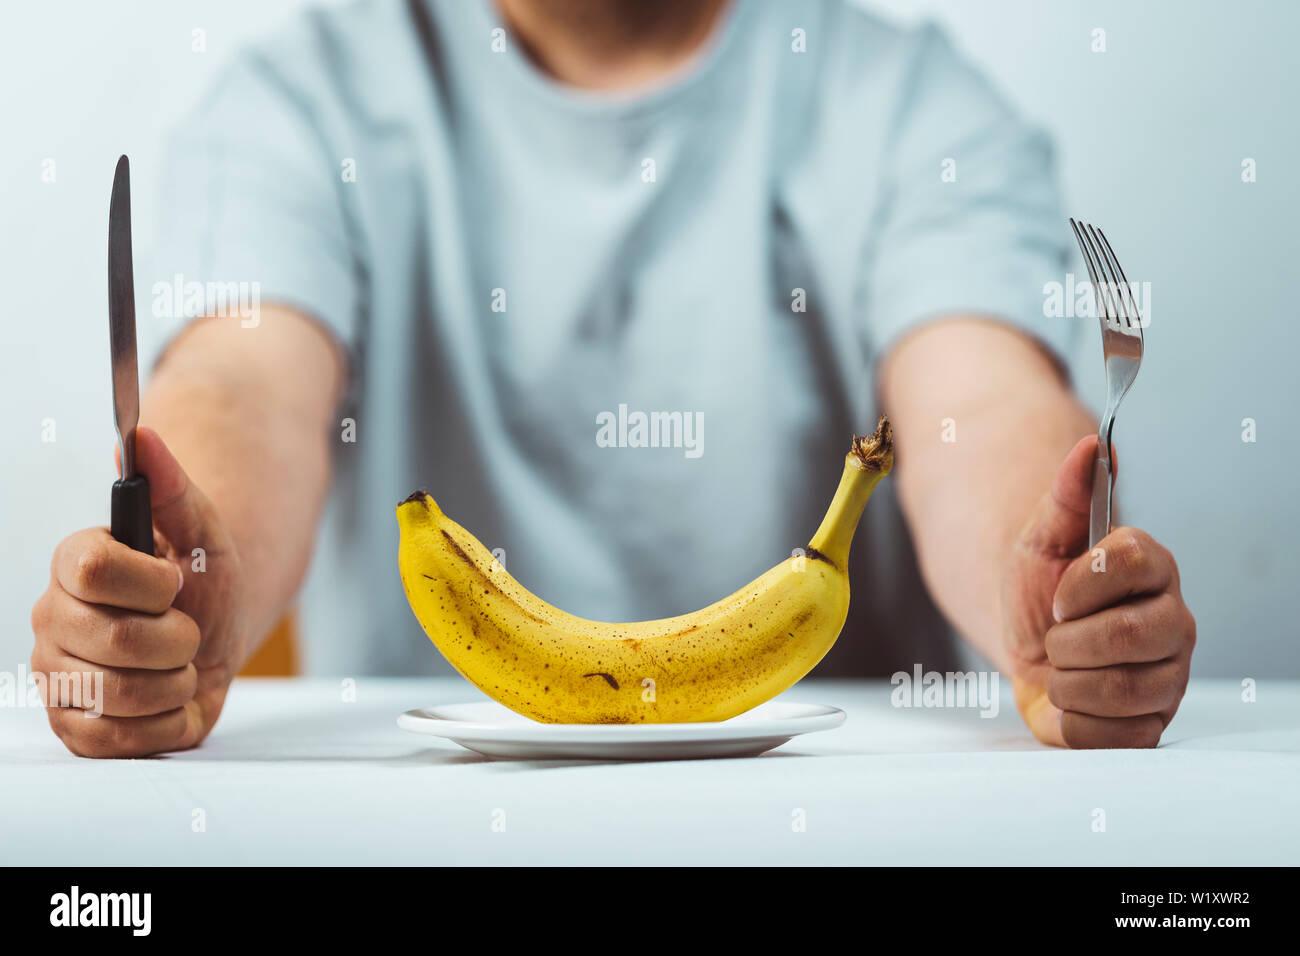 Hombre sentado detrás de una mesa con un tenedor y un cuchillo en la mano y un plátano fresco sobre una placa en una tabla blanca , la hora de comer - Alimentación saludable concepto Foto de stock